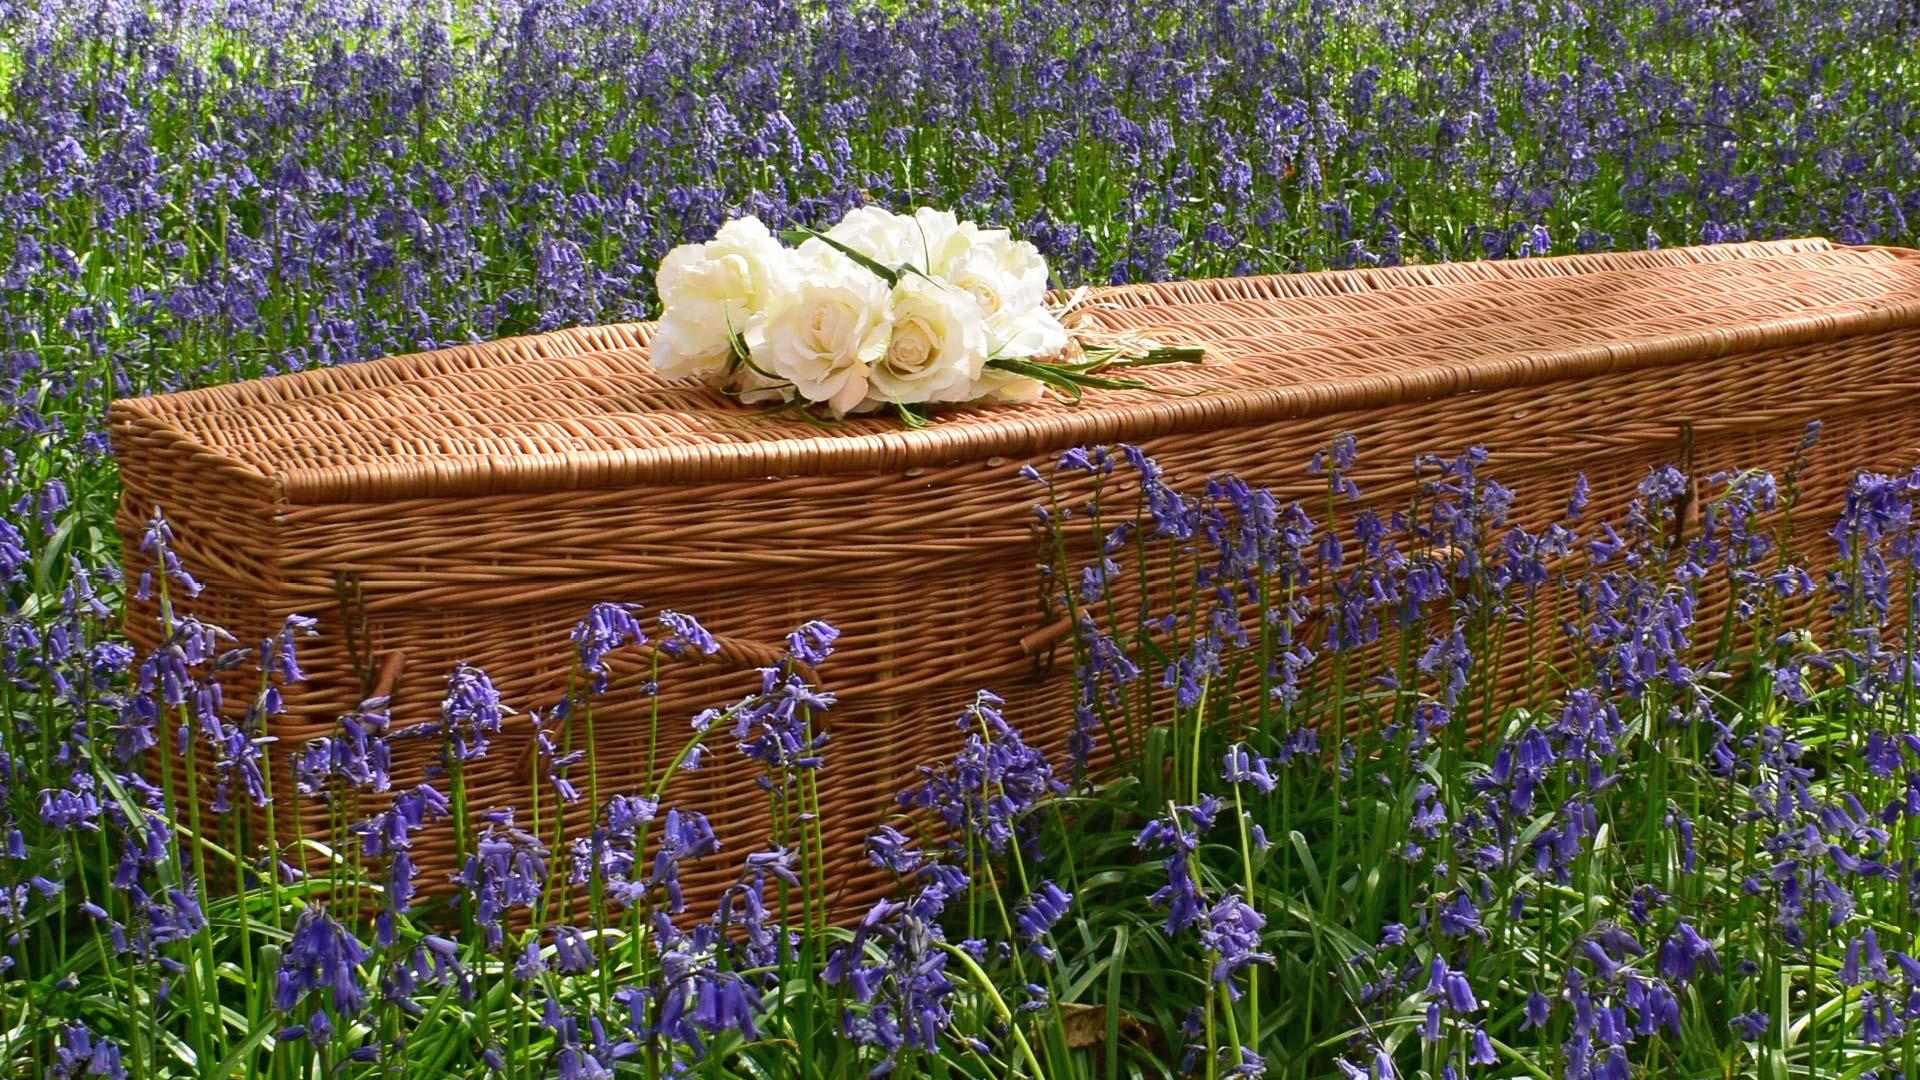 bio degradable coffin